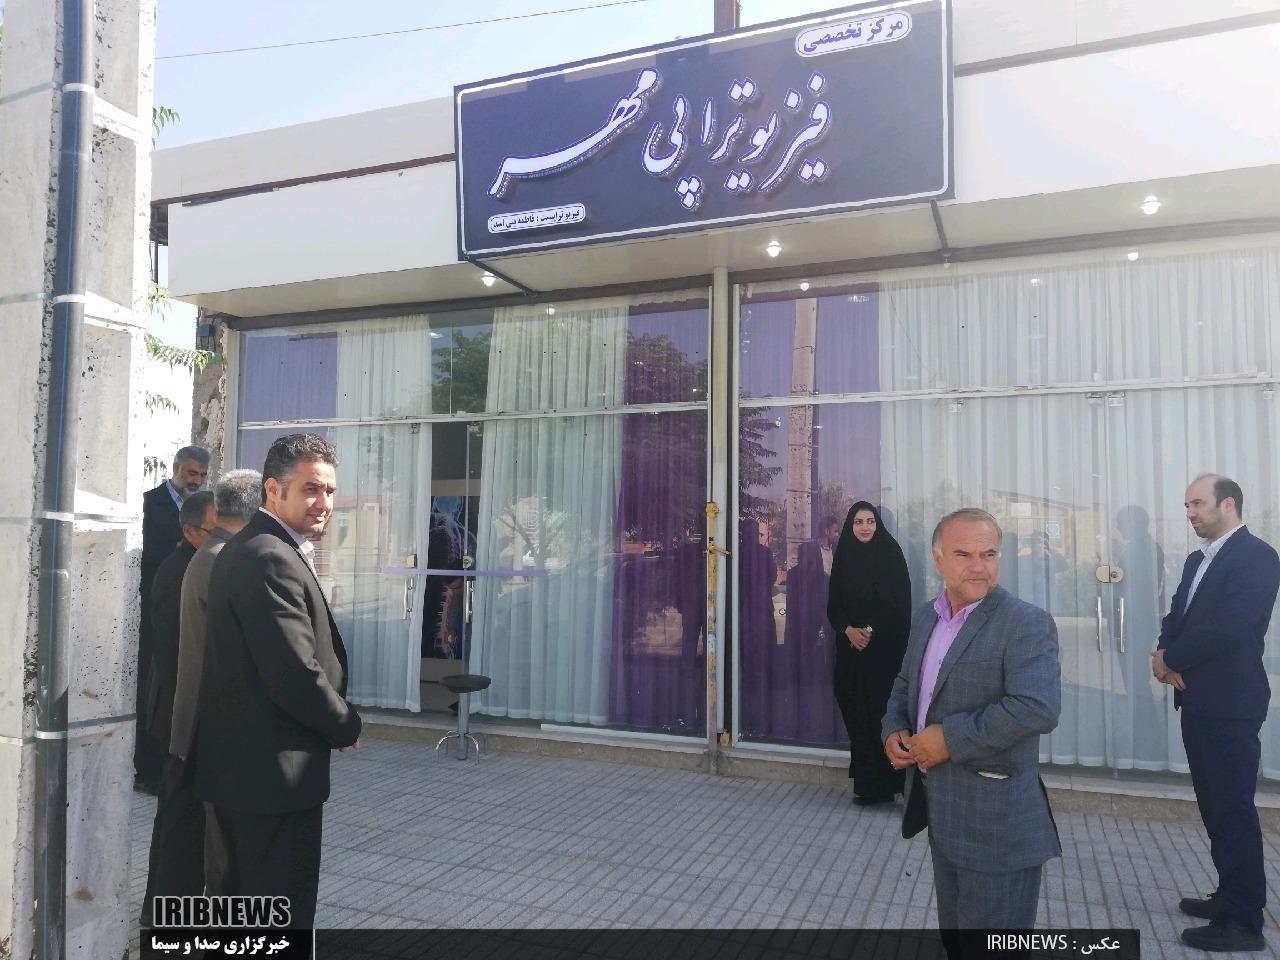 افتتاح مرکز تخصصی فیزیوتراپی در سرایان